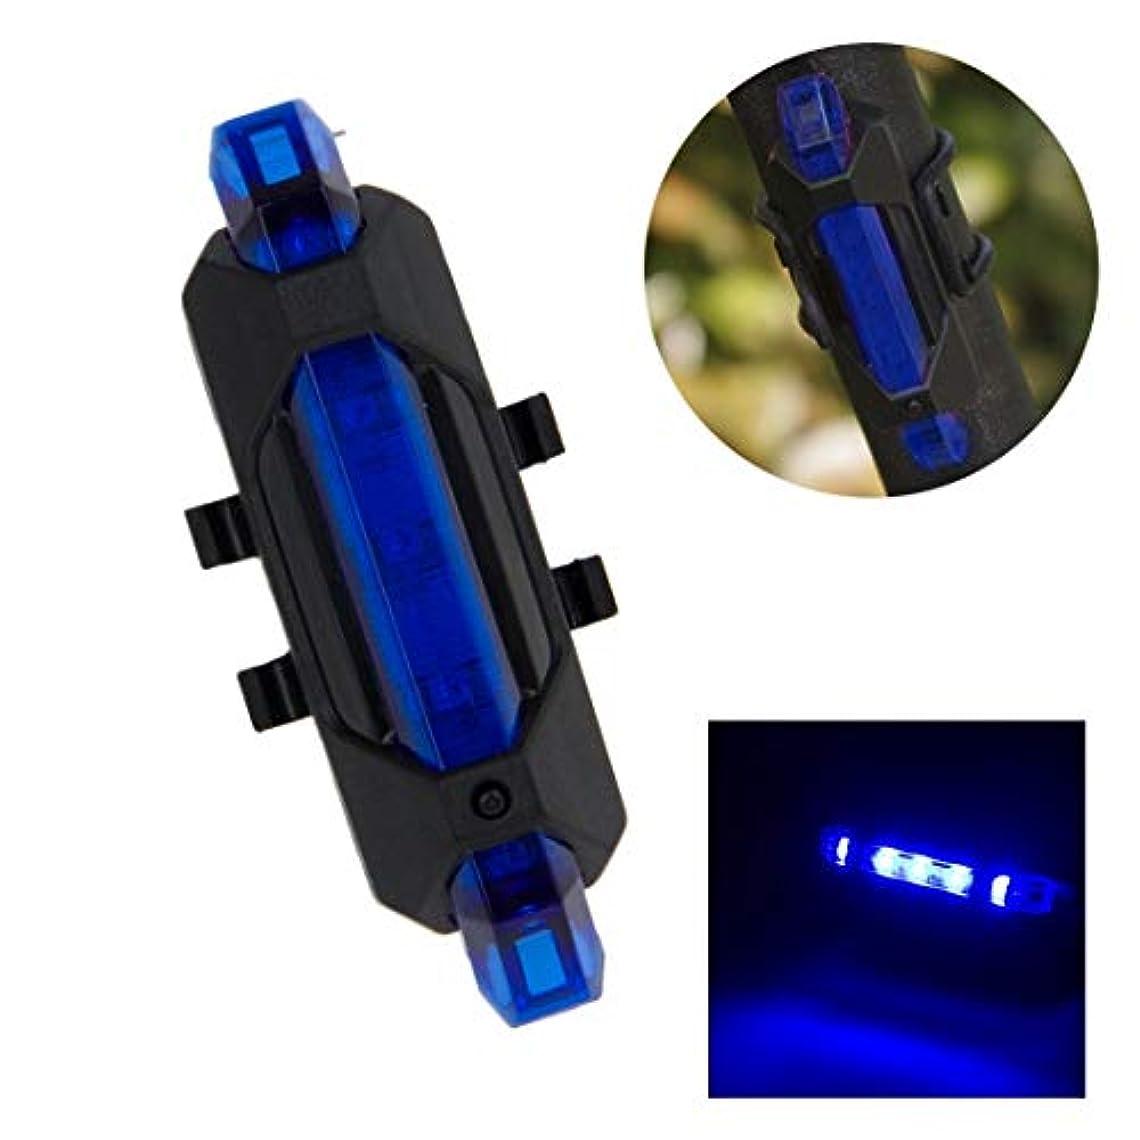 確かめる音楽を聴くメンタルLYL 特別デザインAQY - 093取り外し可能なUSB充電式LED自転車テールライト (色 : 青)